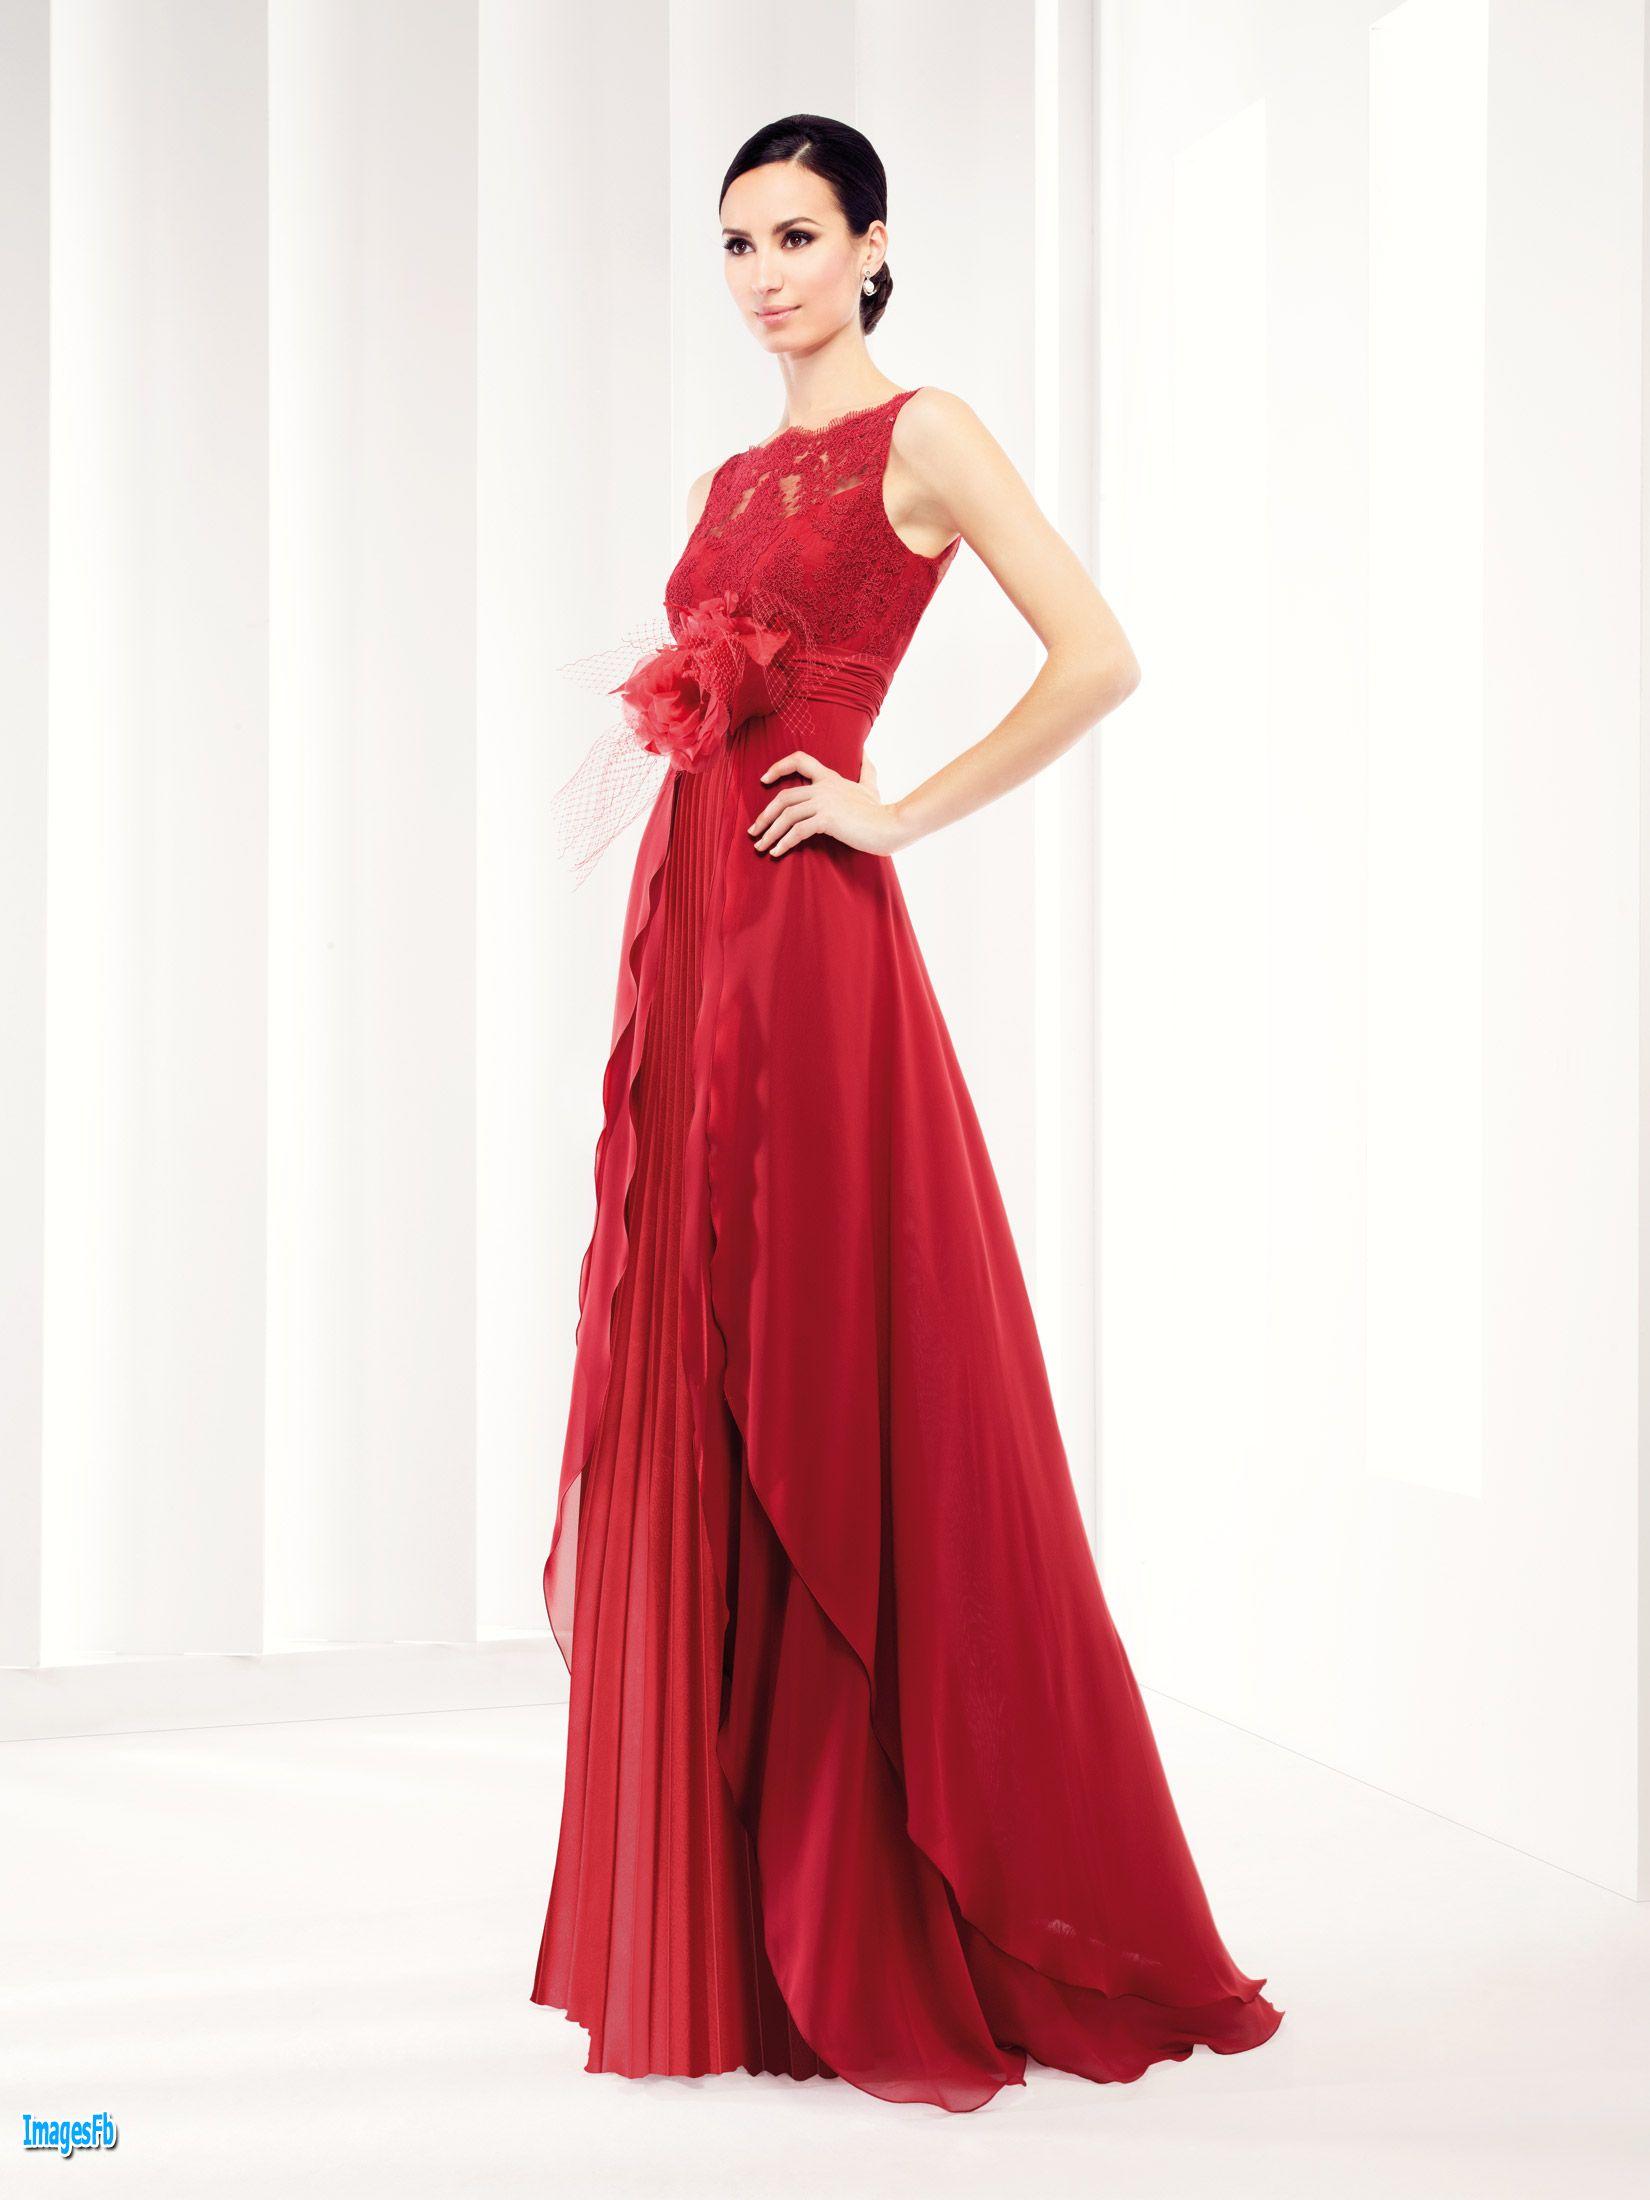 بالصور فساتين طويله فخمه , جمال الفساتين الطويلة وشياكتها على الفتاة 2684 13